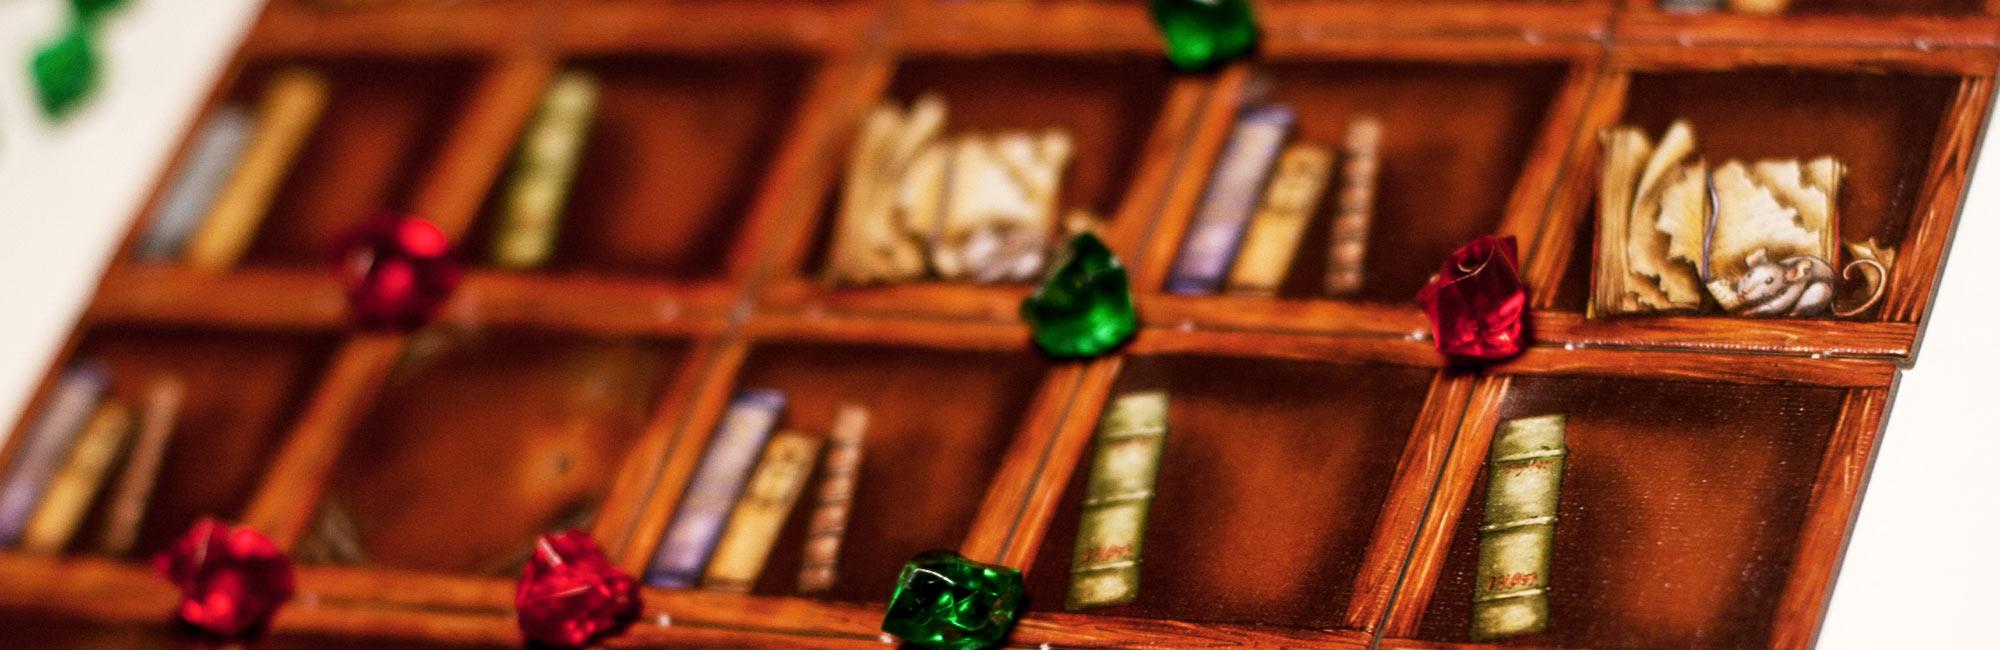 libraria xvgames